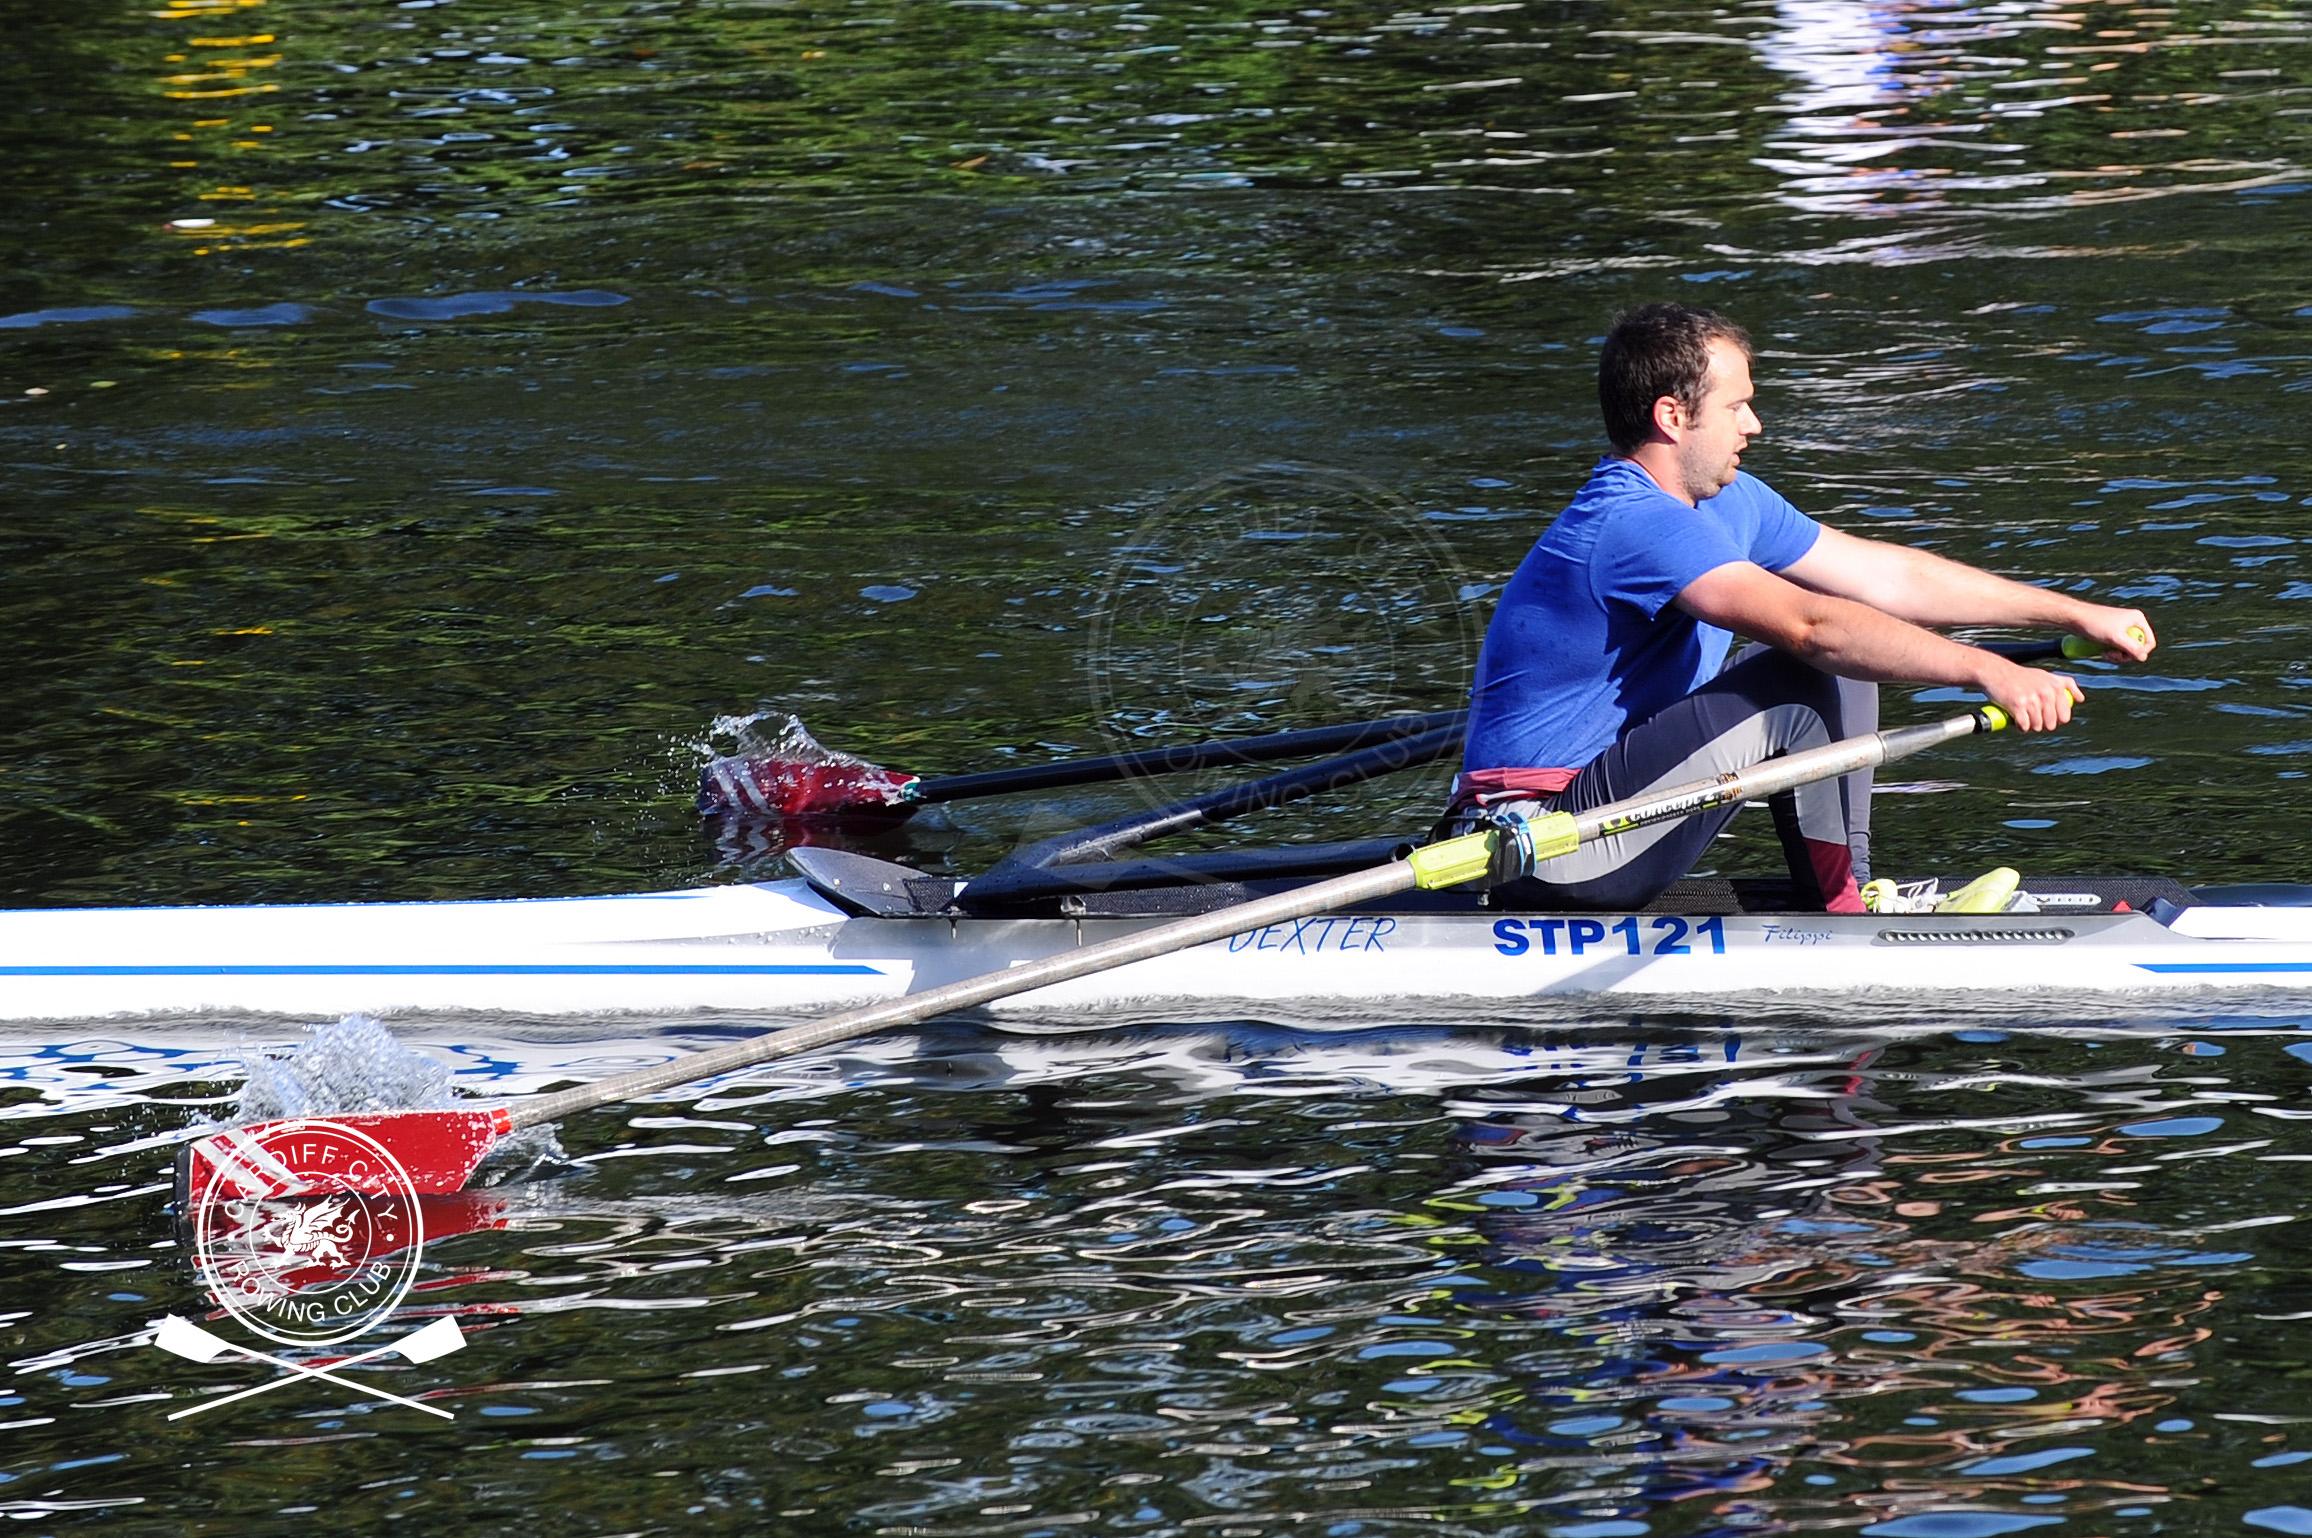 Cardiff_City_Head_Race_167.jpg